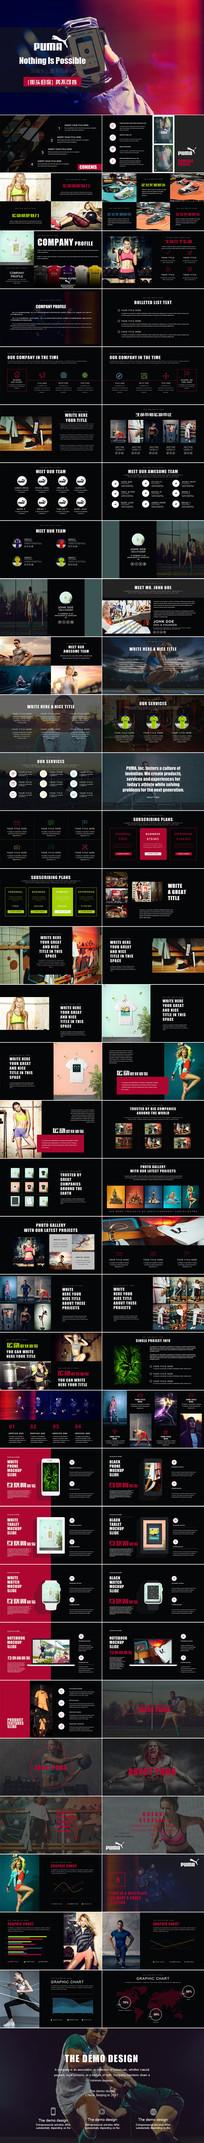 彪马PUMA时尚运动品牌营销策划PPT模板